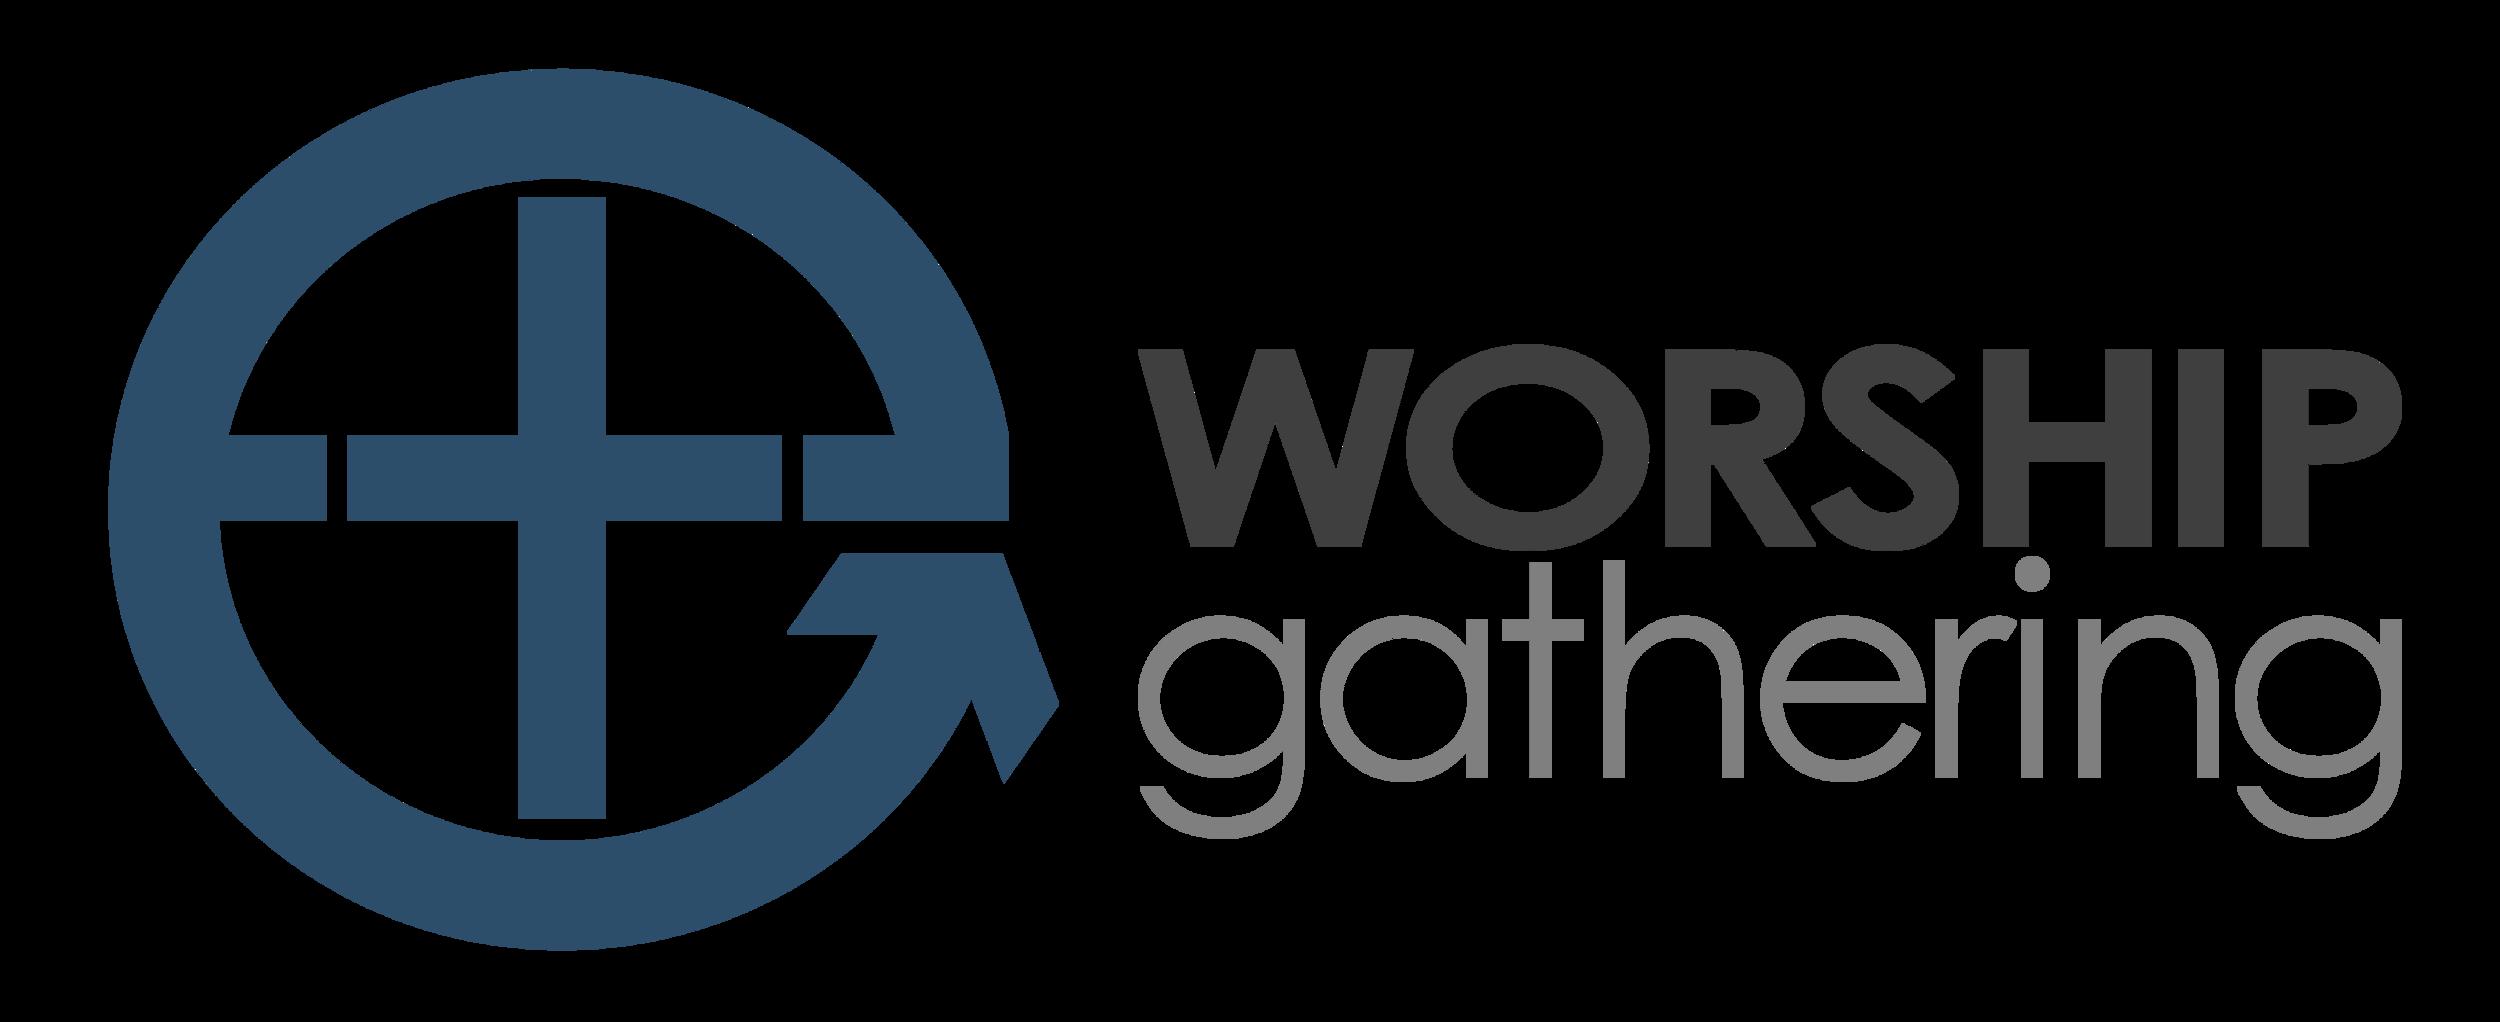 Worship Gathering 2.png